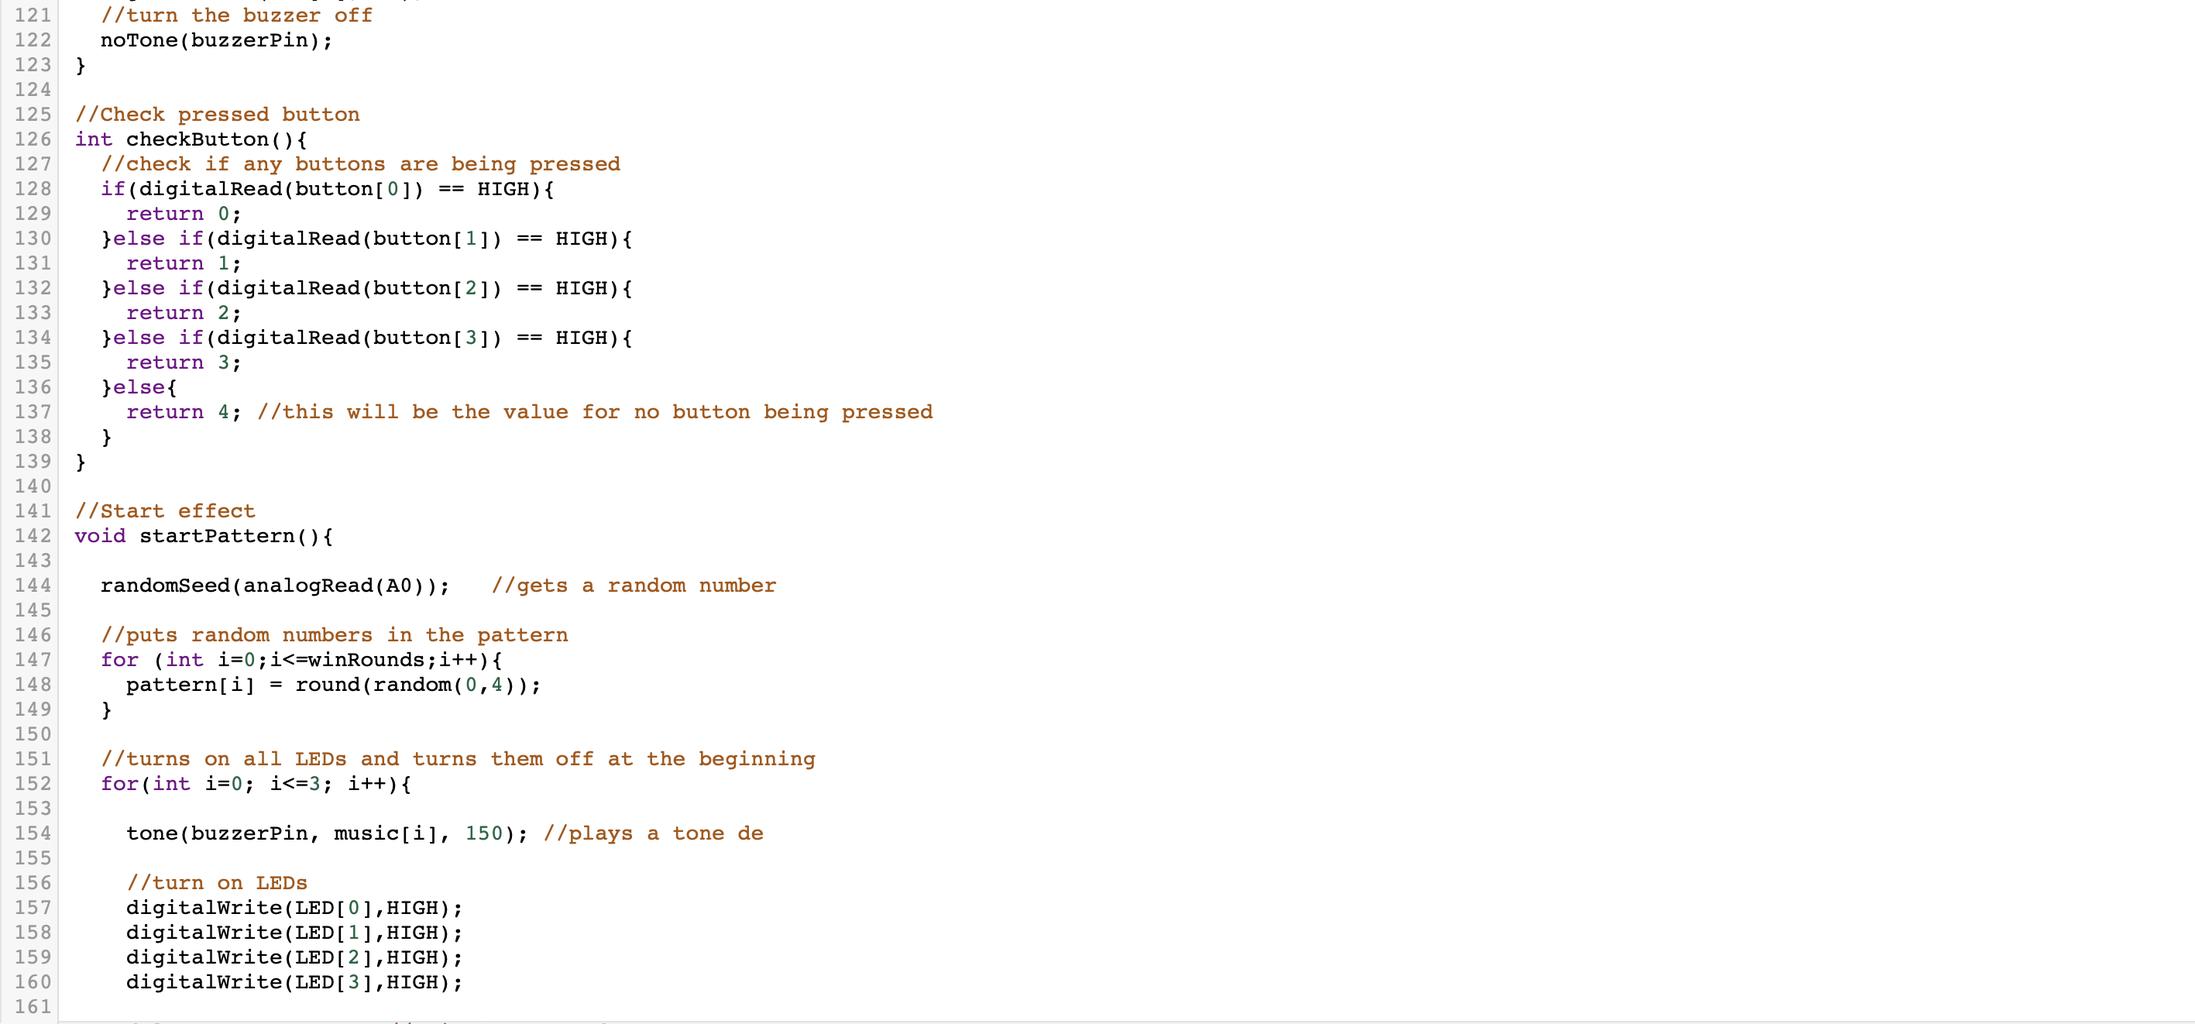 Code Part 4